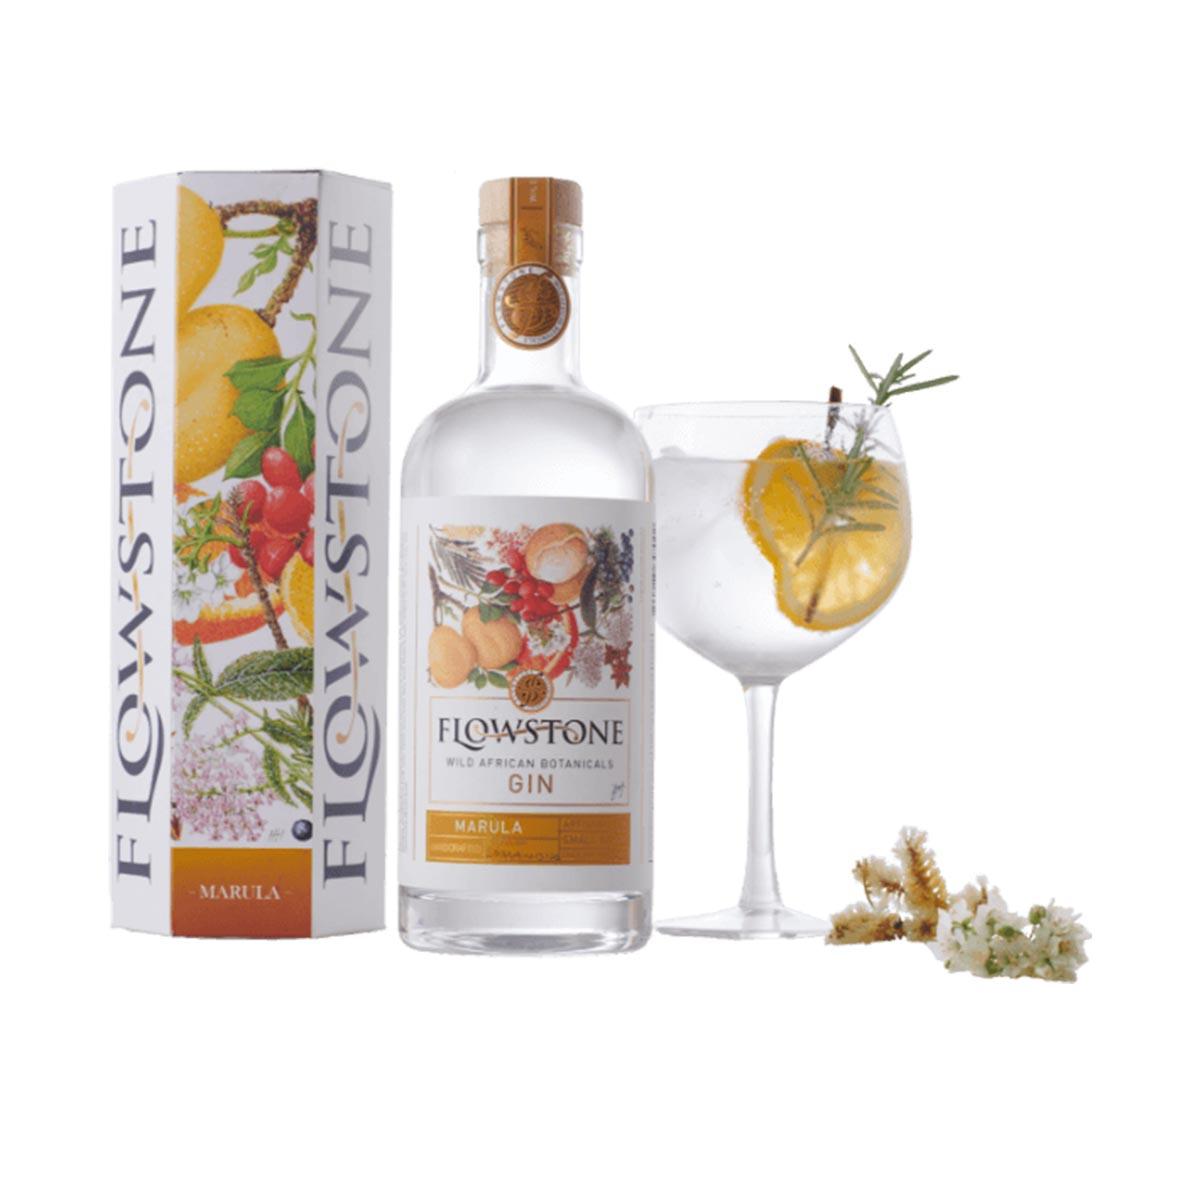 Flowstone Marula Gin